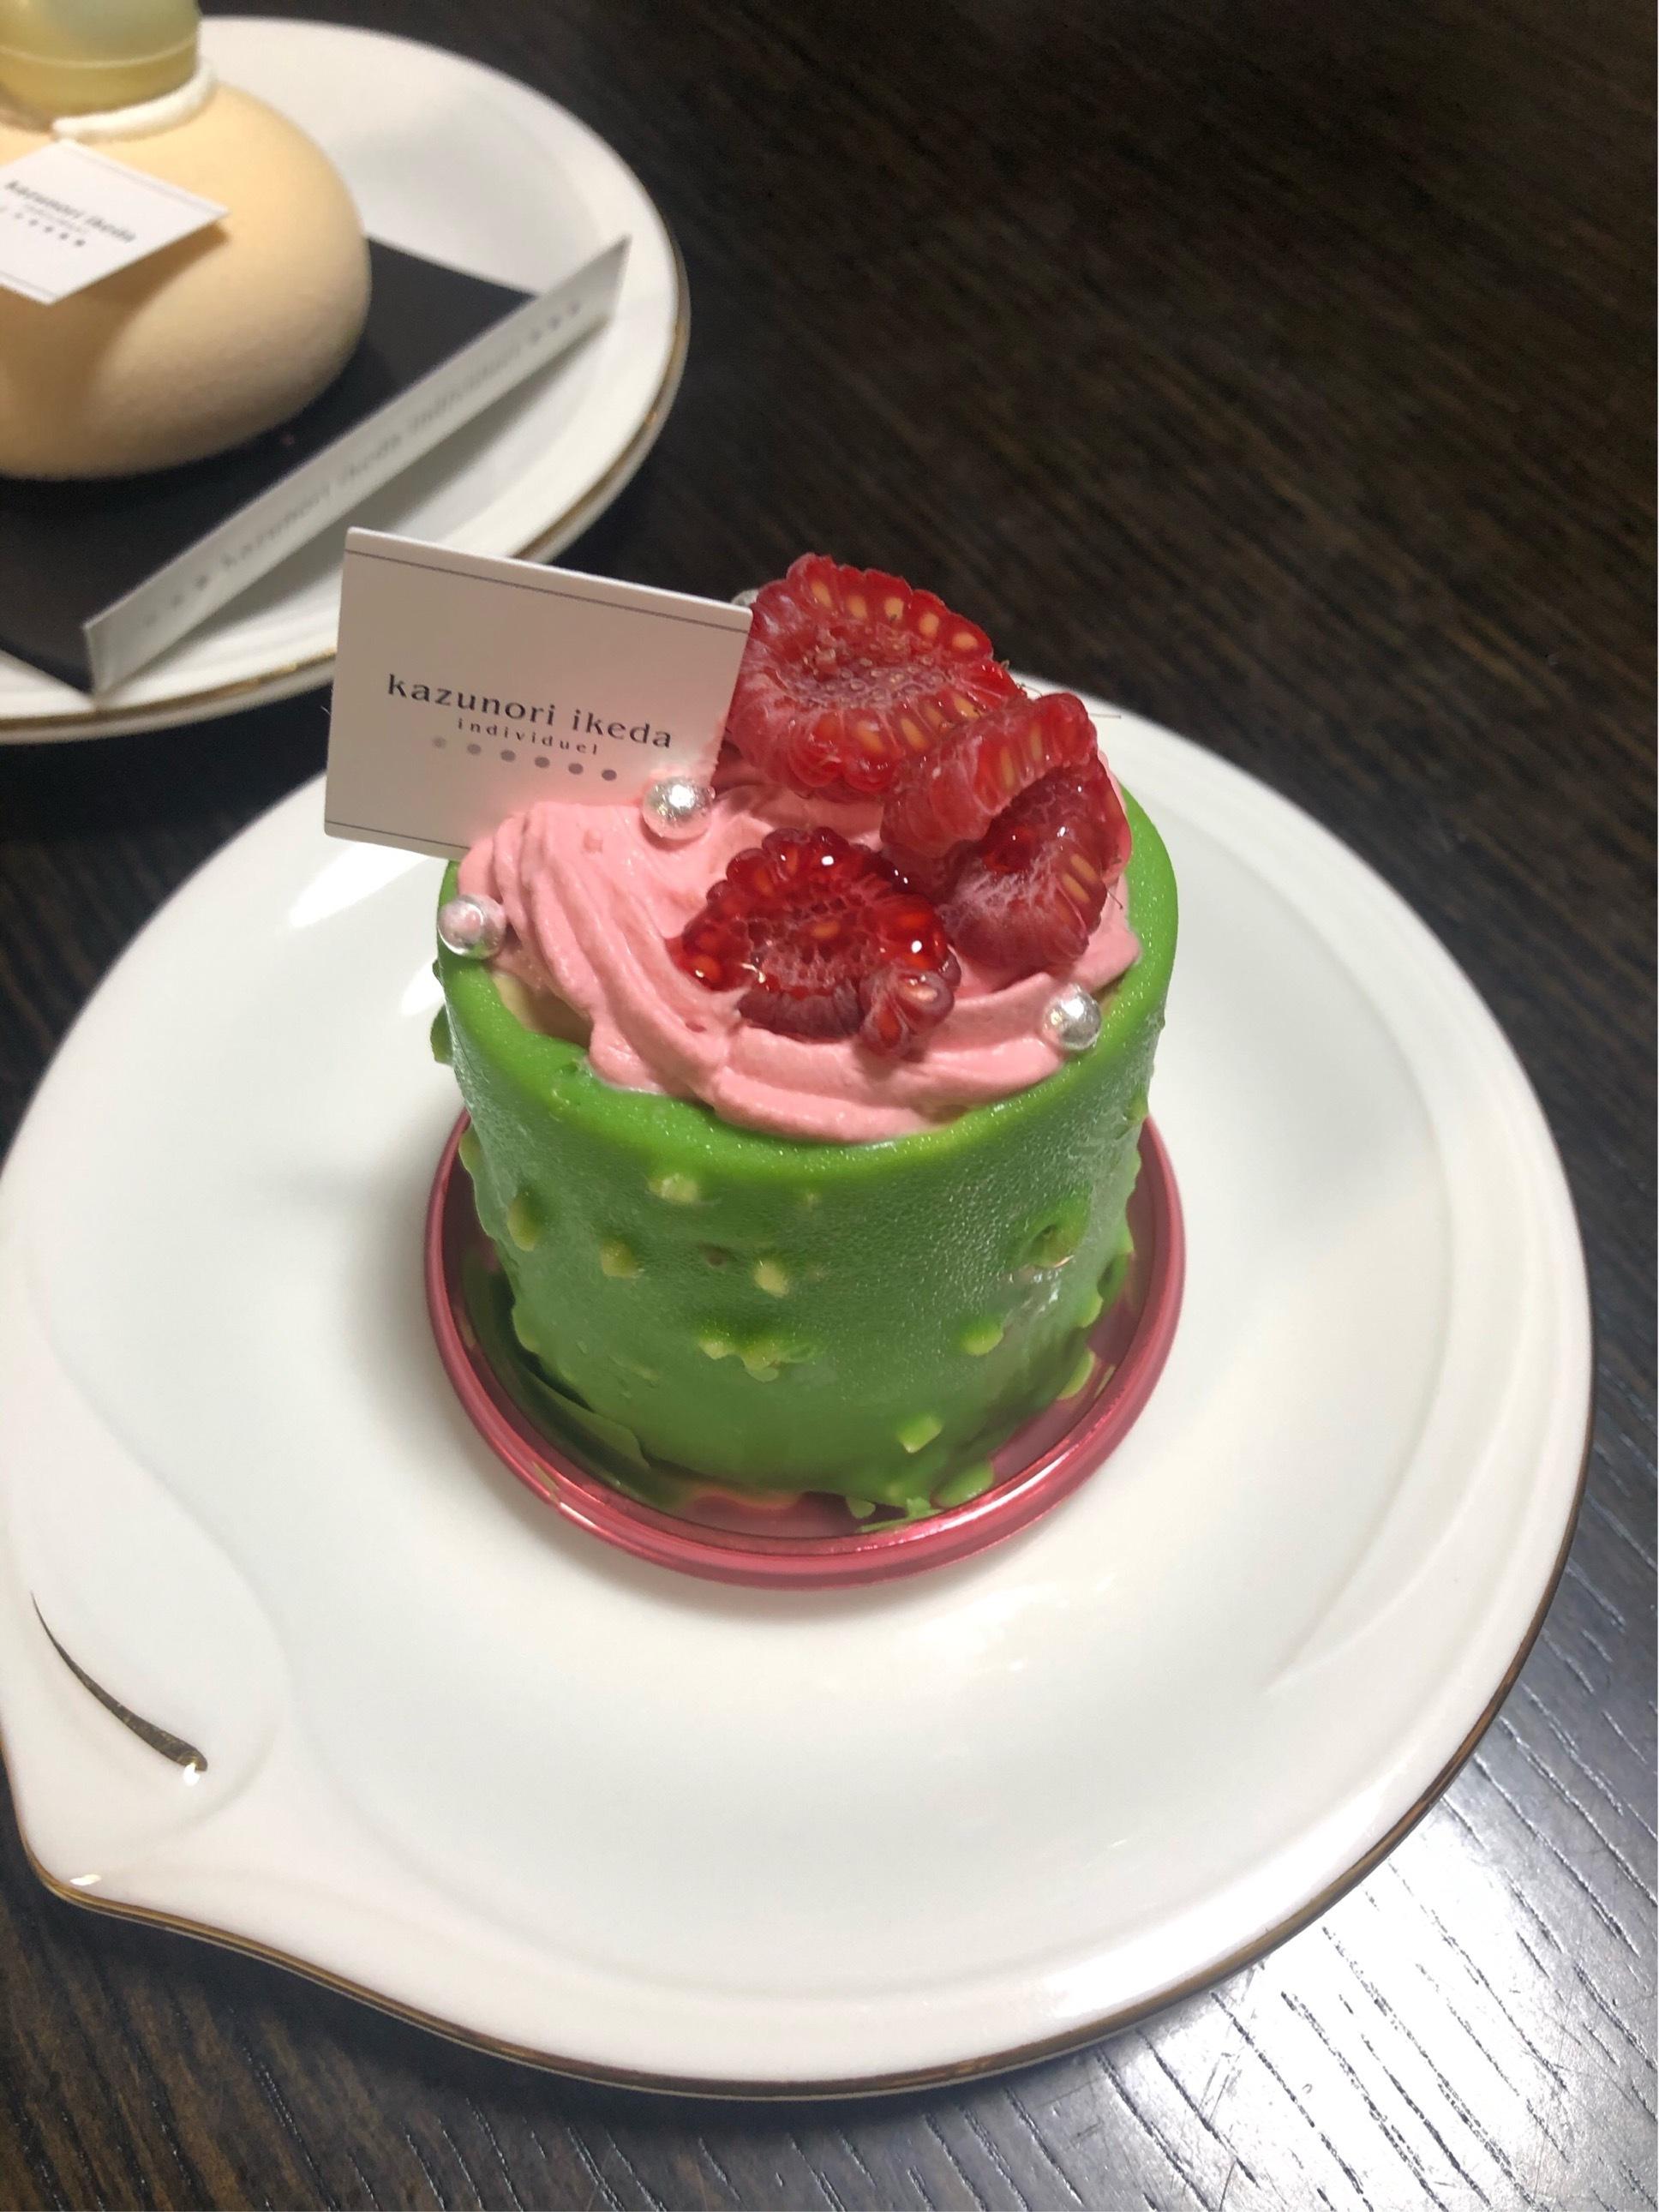 【仙台発】限定ケーキが美しすぎる、、!_1_1-2